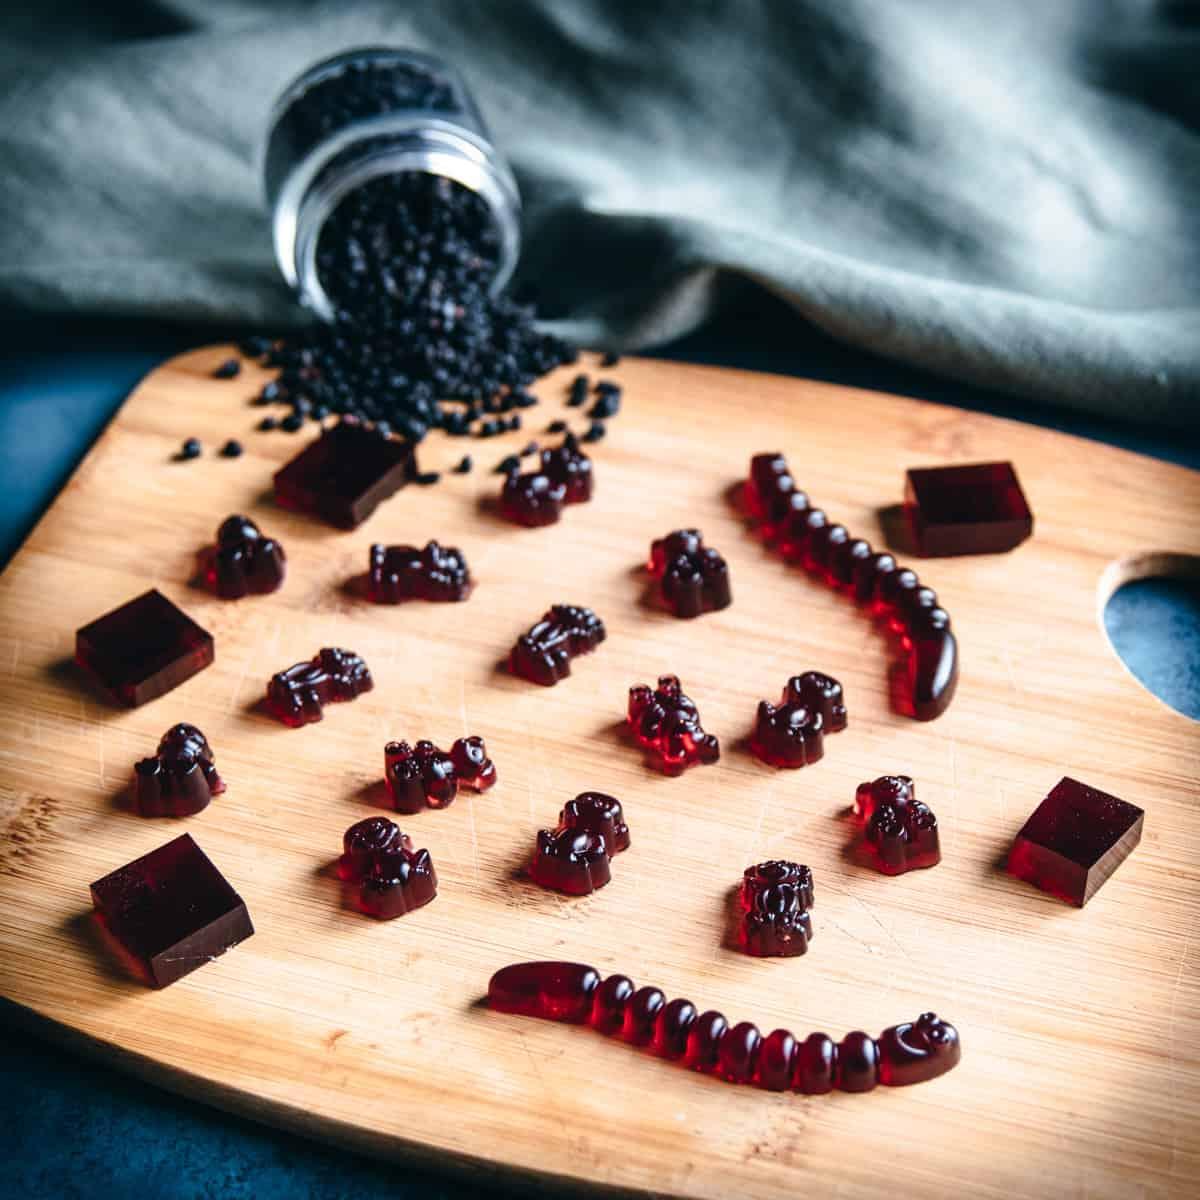 various elderberry gummies on a wooden board with dried elderberries